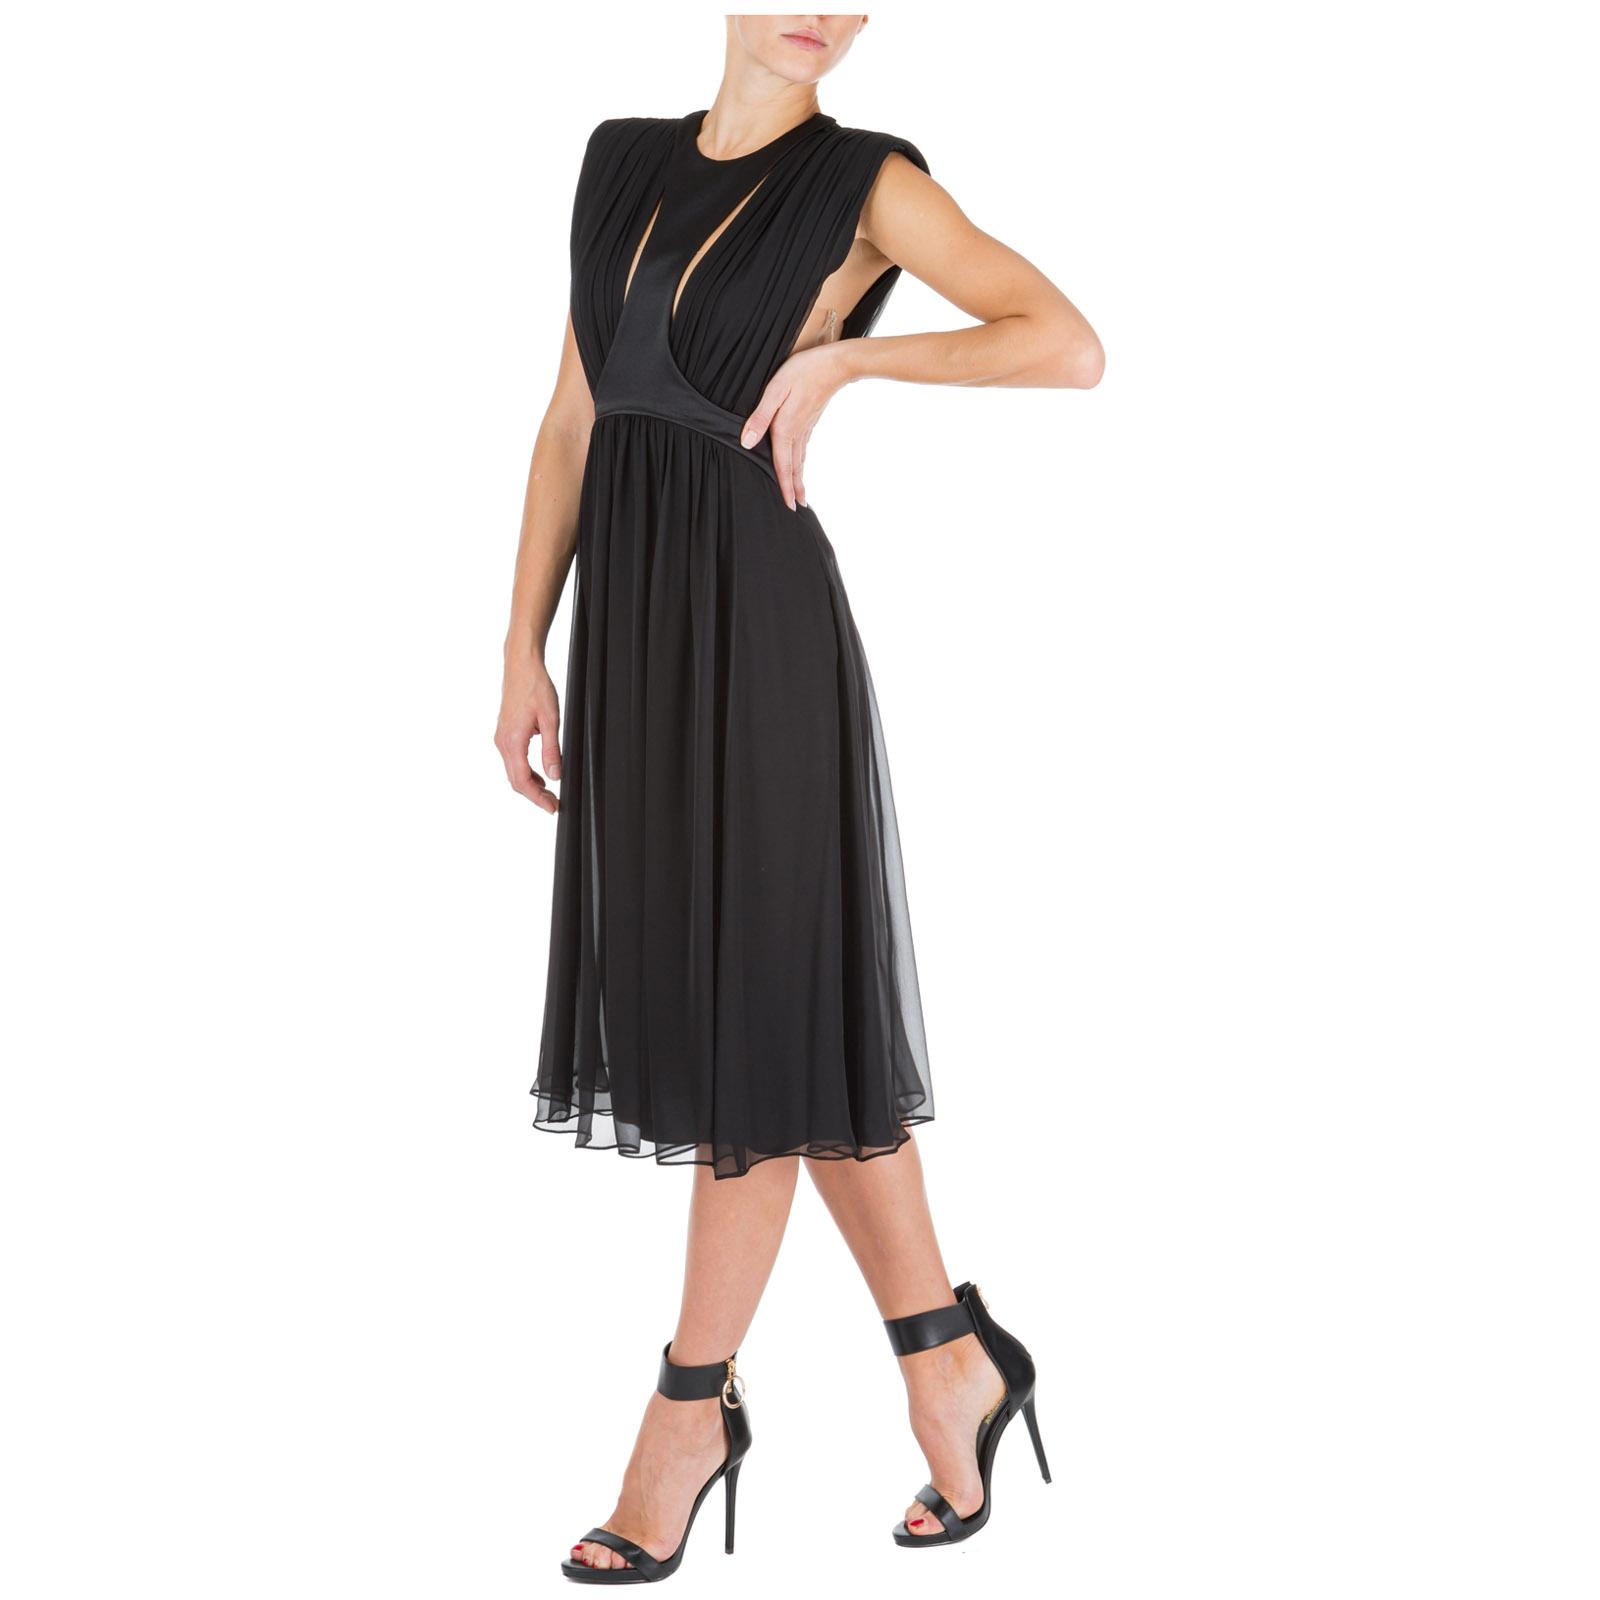 Women's calf length dress sleeveless